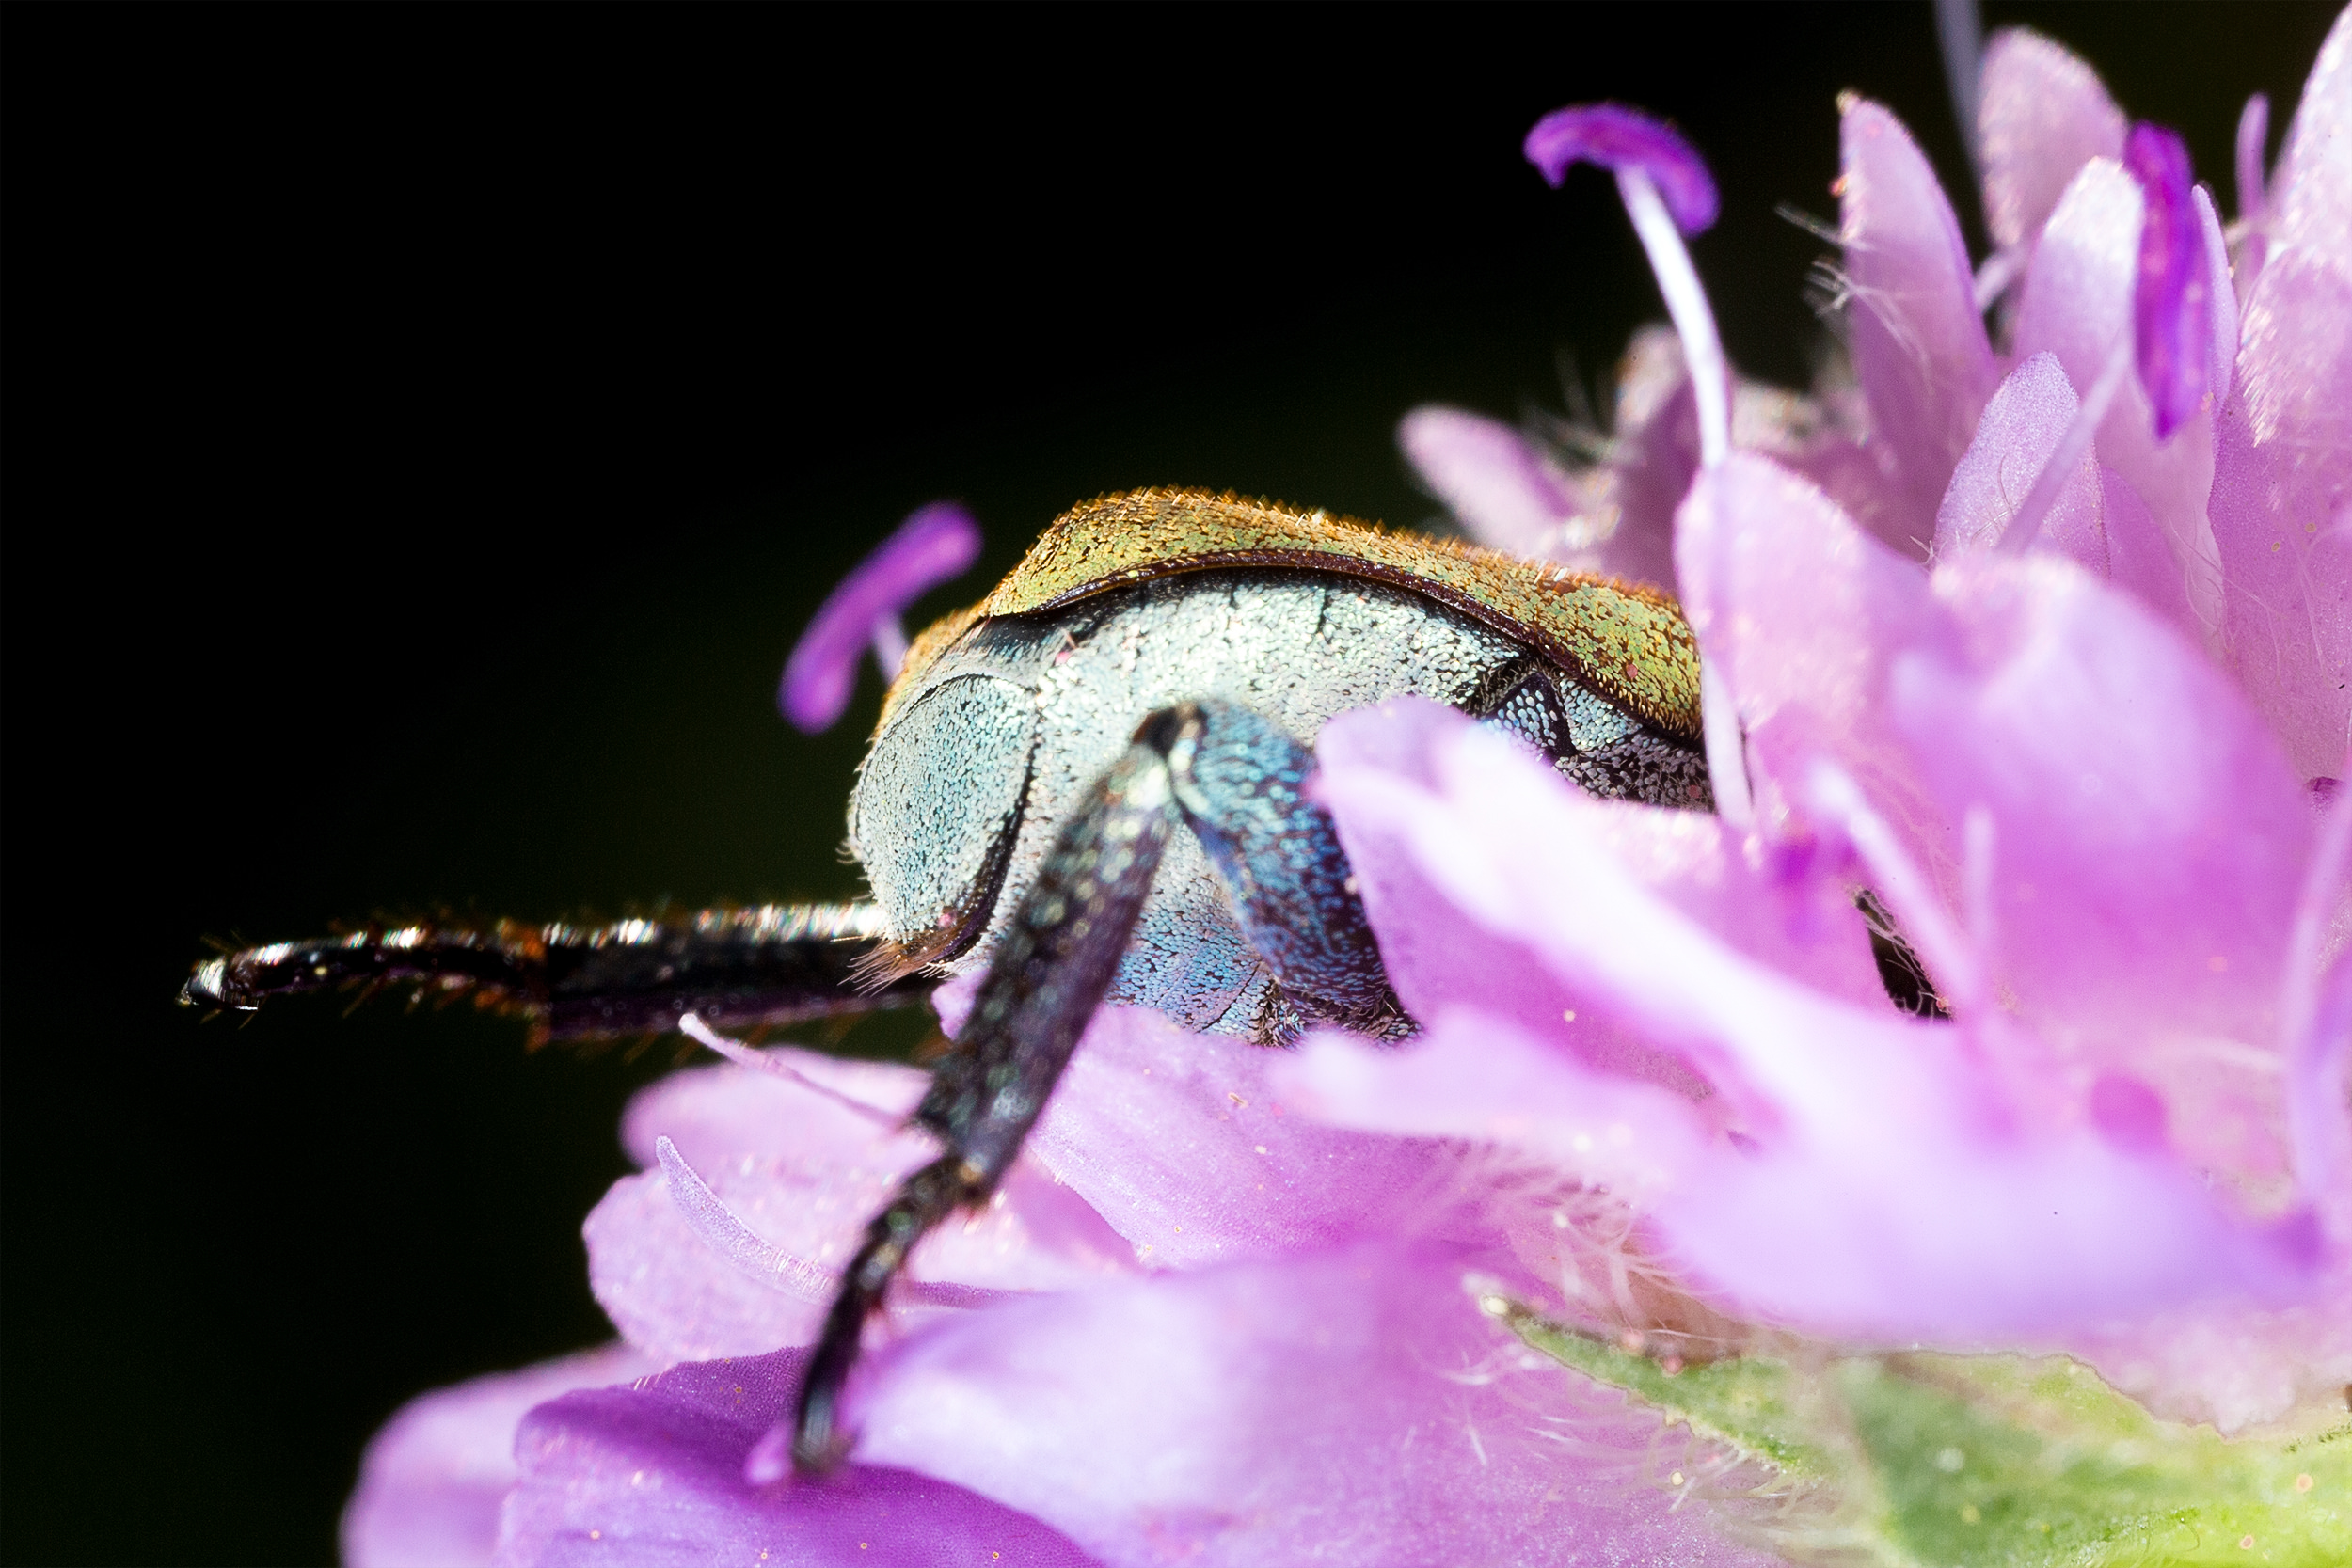 Ein Käfer vergräbt seinen Kopf in einer Blüte. Aufgenommen mit dem Canon MP-E 65mm Objektiv.